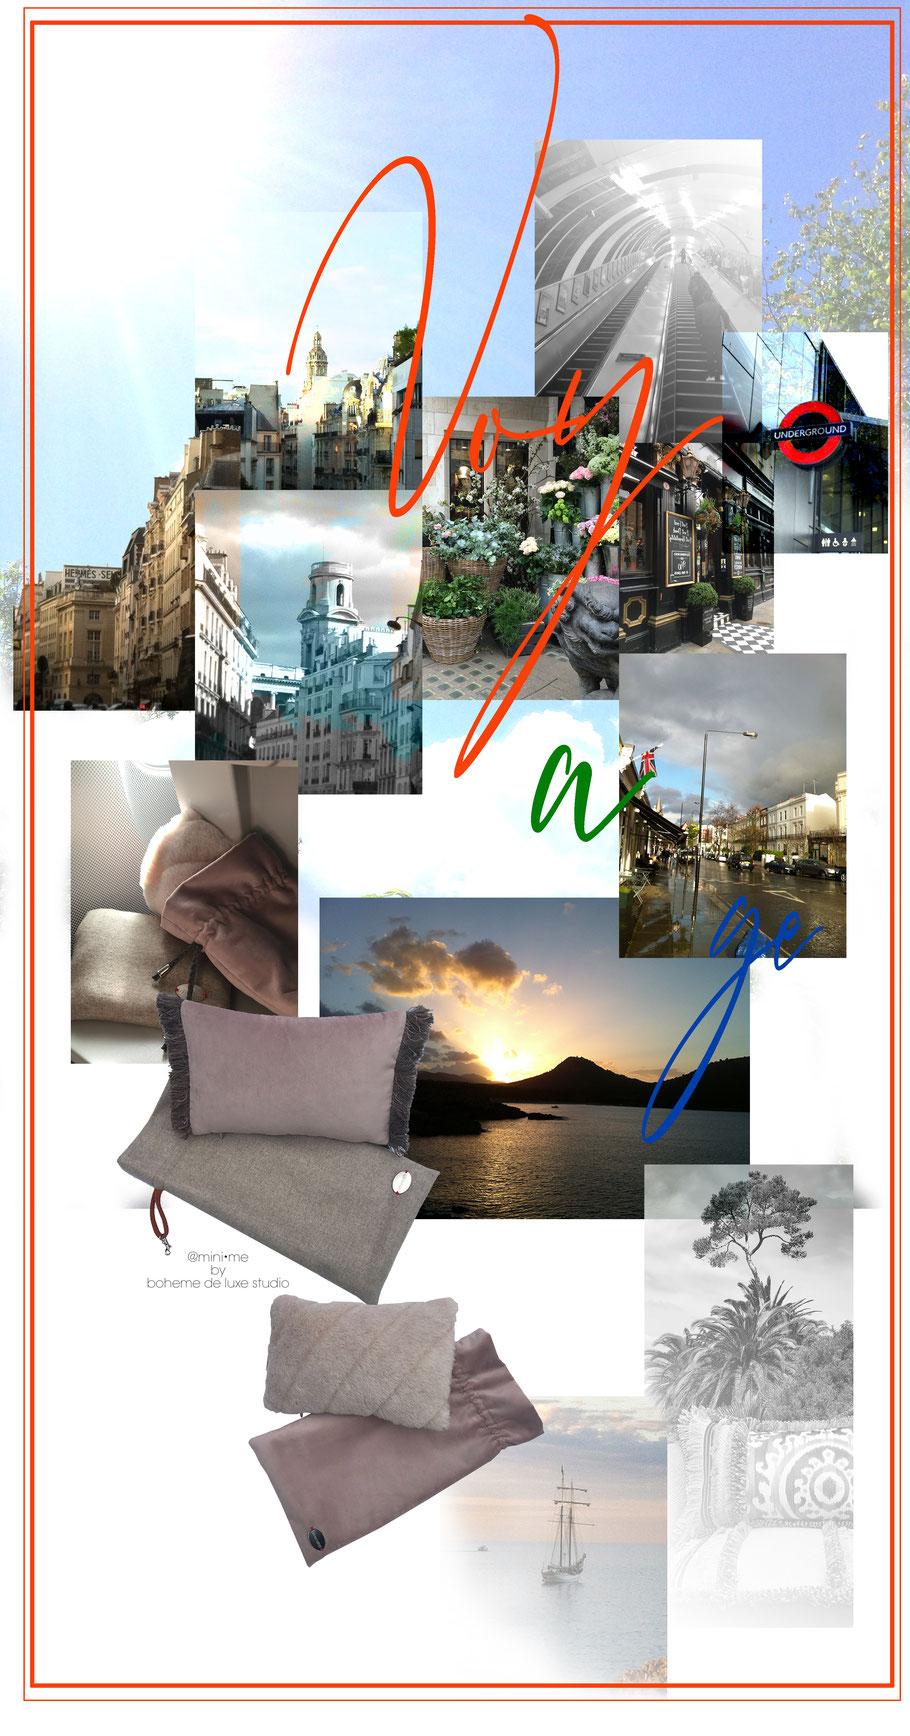 Kissen Reisekissen Reisen Boheme de luxe Studio Dekoration Travel  Reisen Urlaub Bequem reisen Mallorca Ostsse Sylt New York Kissen kaufen Shop